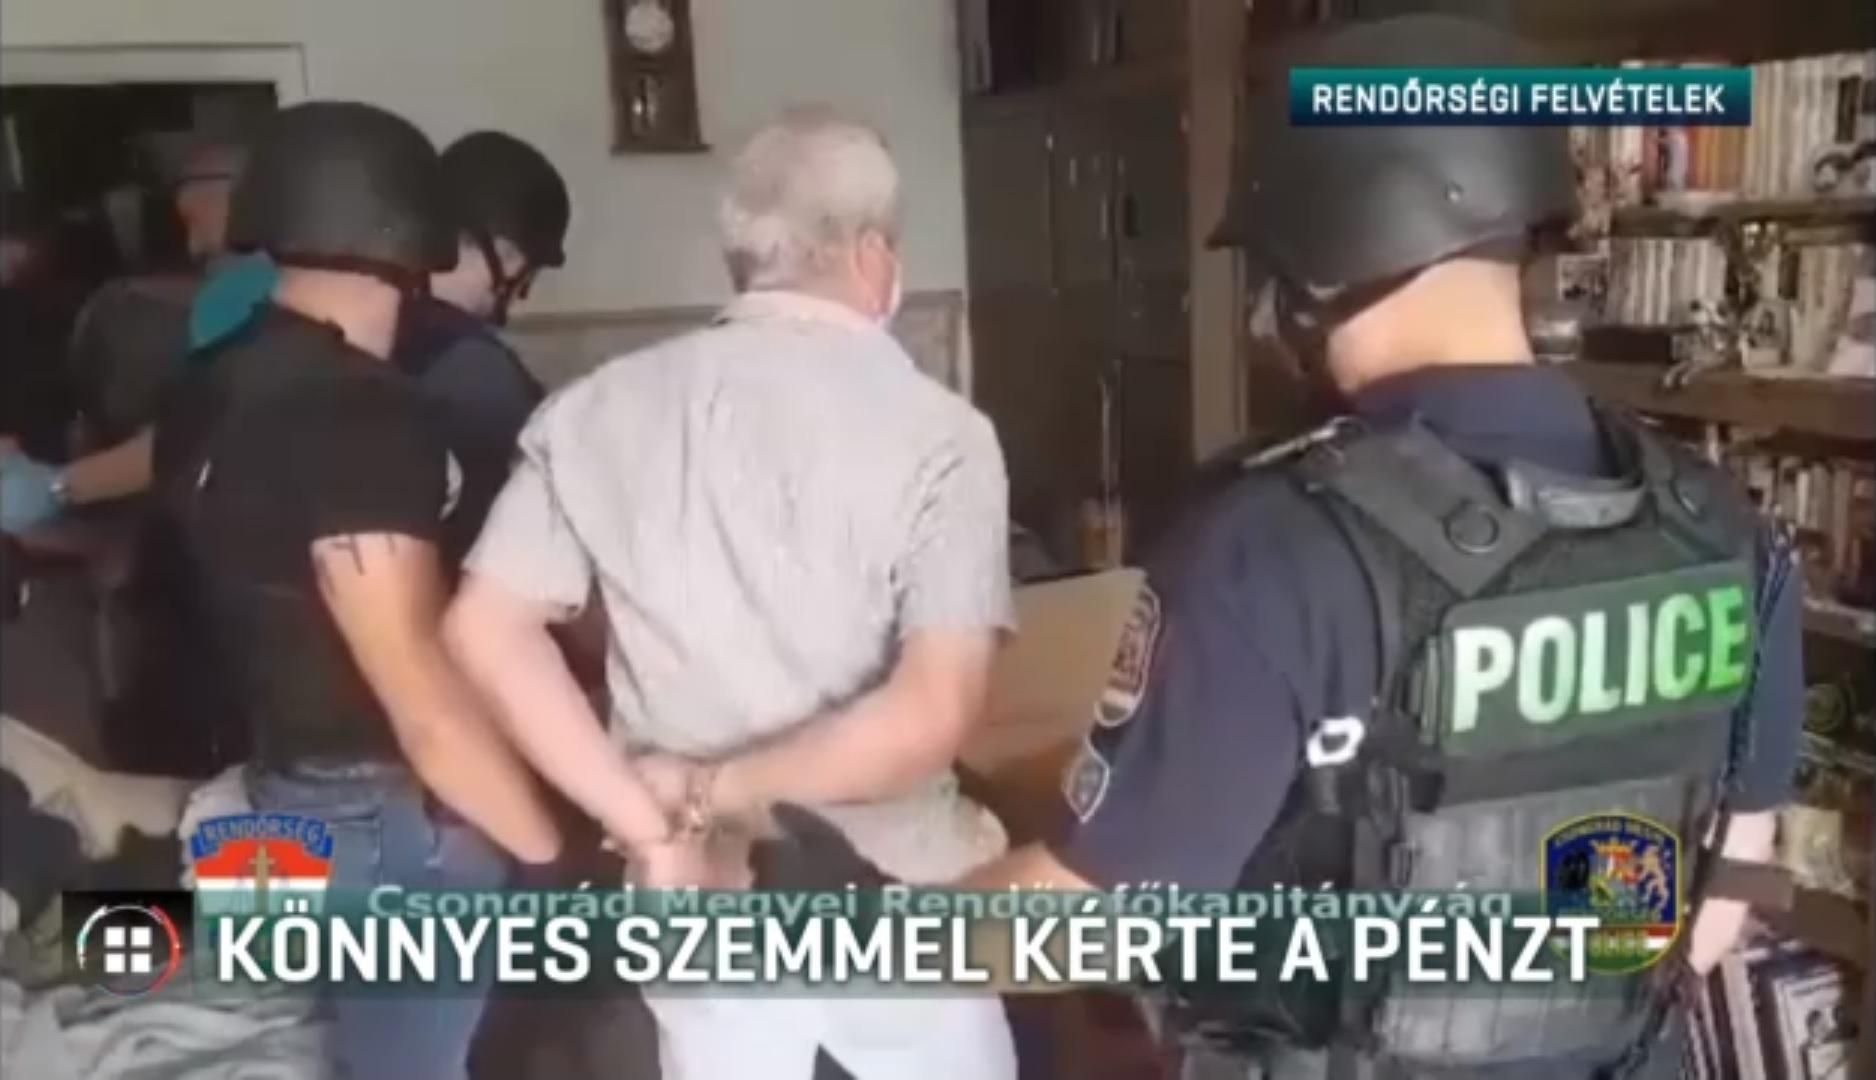 Könnyes szemmel könyörgött a pénzért a fegyveres rabló egy szegedi virágboltban, 5000 forintot kapott, és még el is fogták